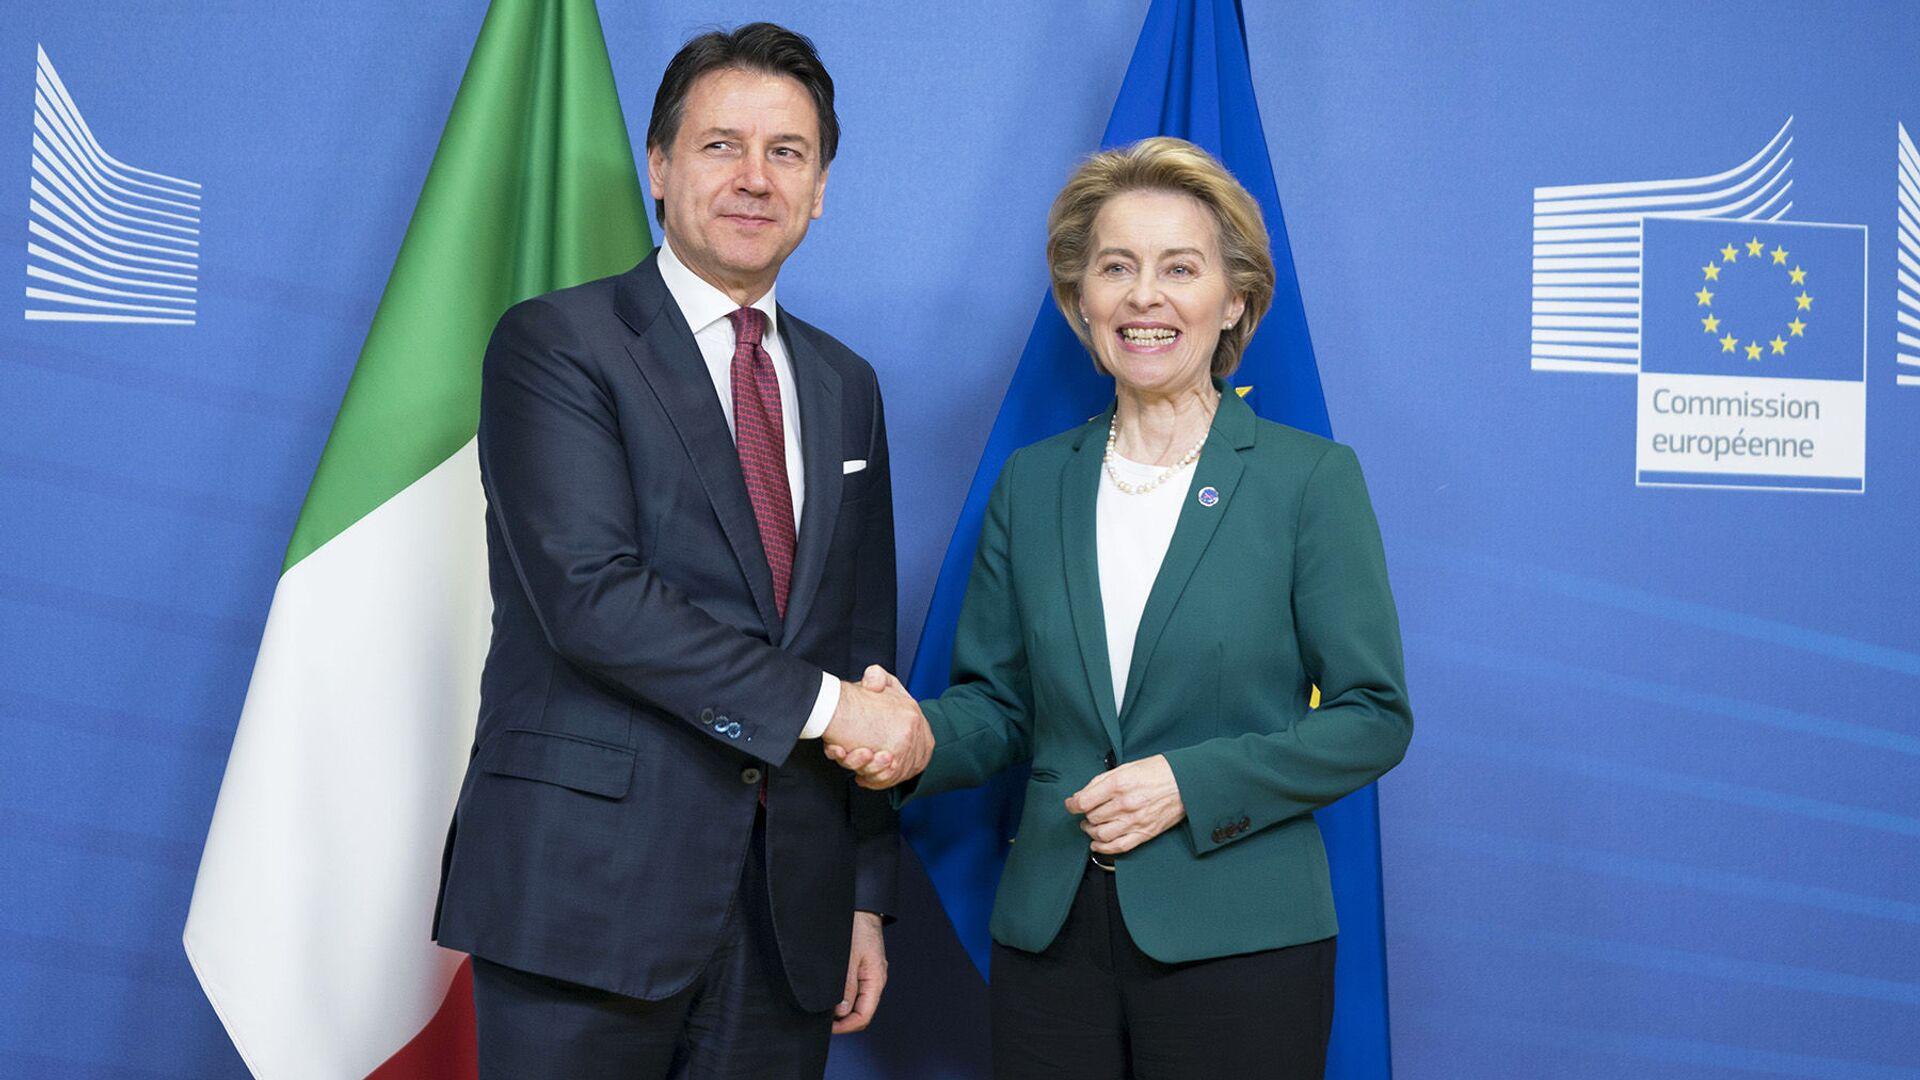 Il Presidente del Consiglio, Giuseppe Conte, incontra a Palazzo Berlaymont la Presidente della Commissione europea Ursula von der Leyen - Sputnik Italia, 1920, 10.08.2021